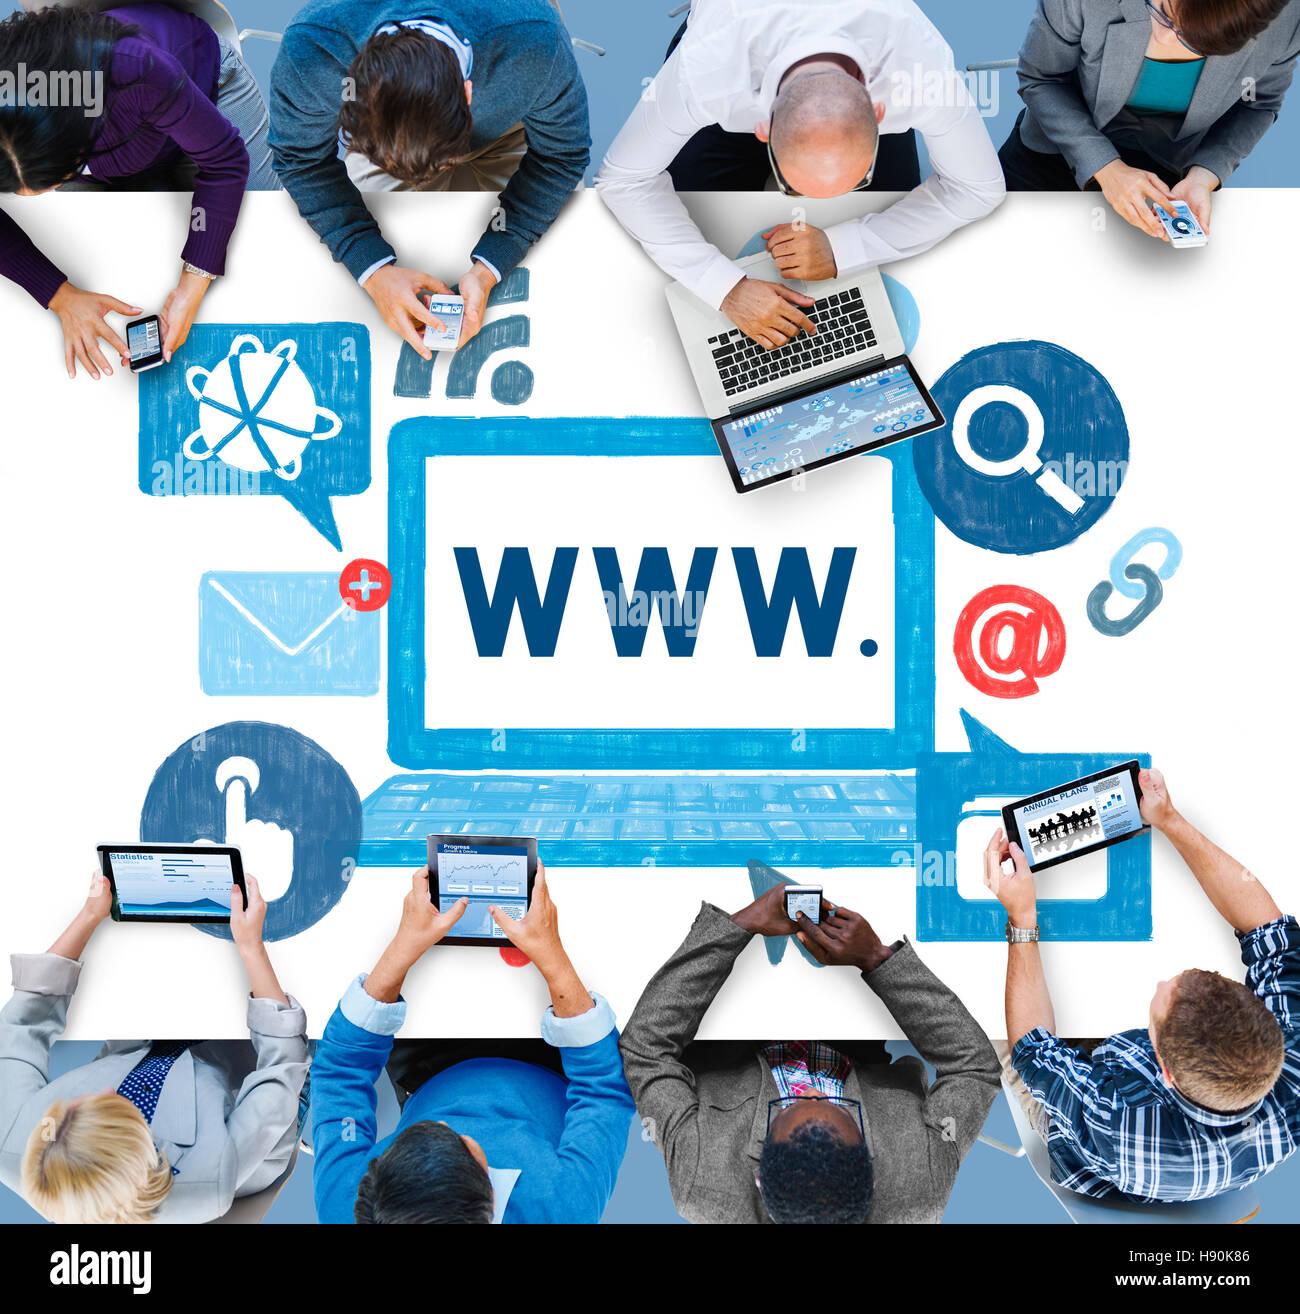 World Wide Web Internet Online Illustration Concept - Stock Image